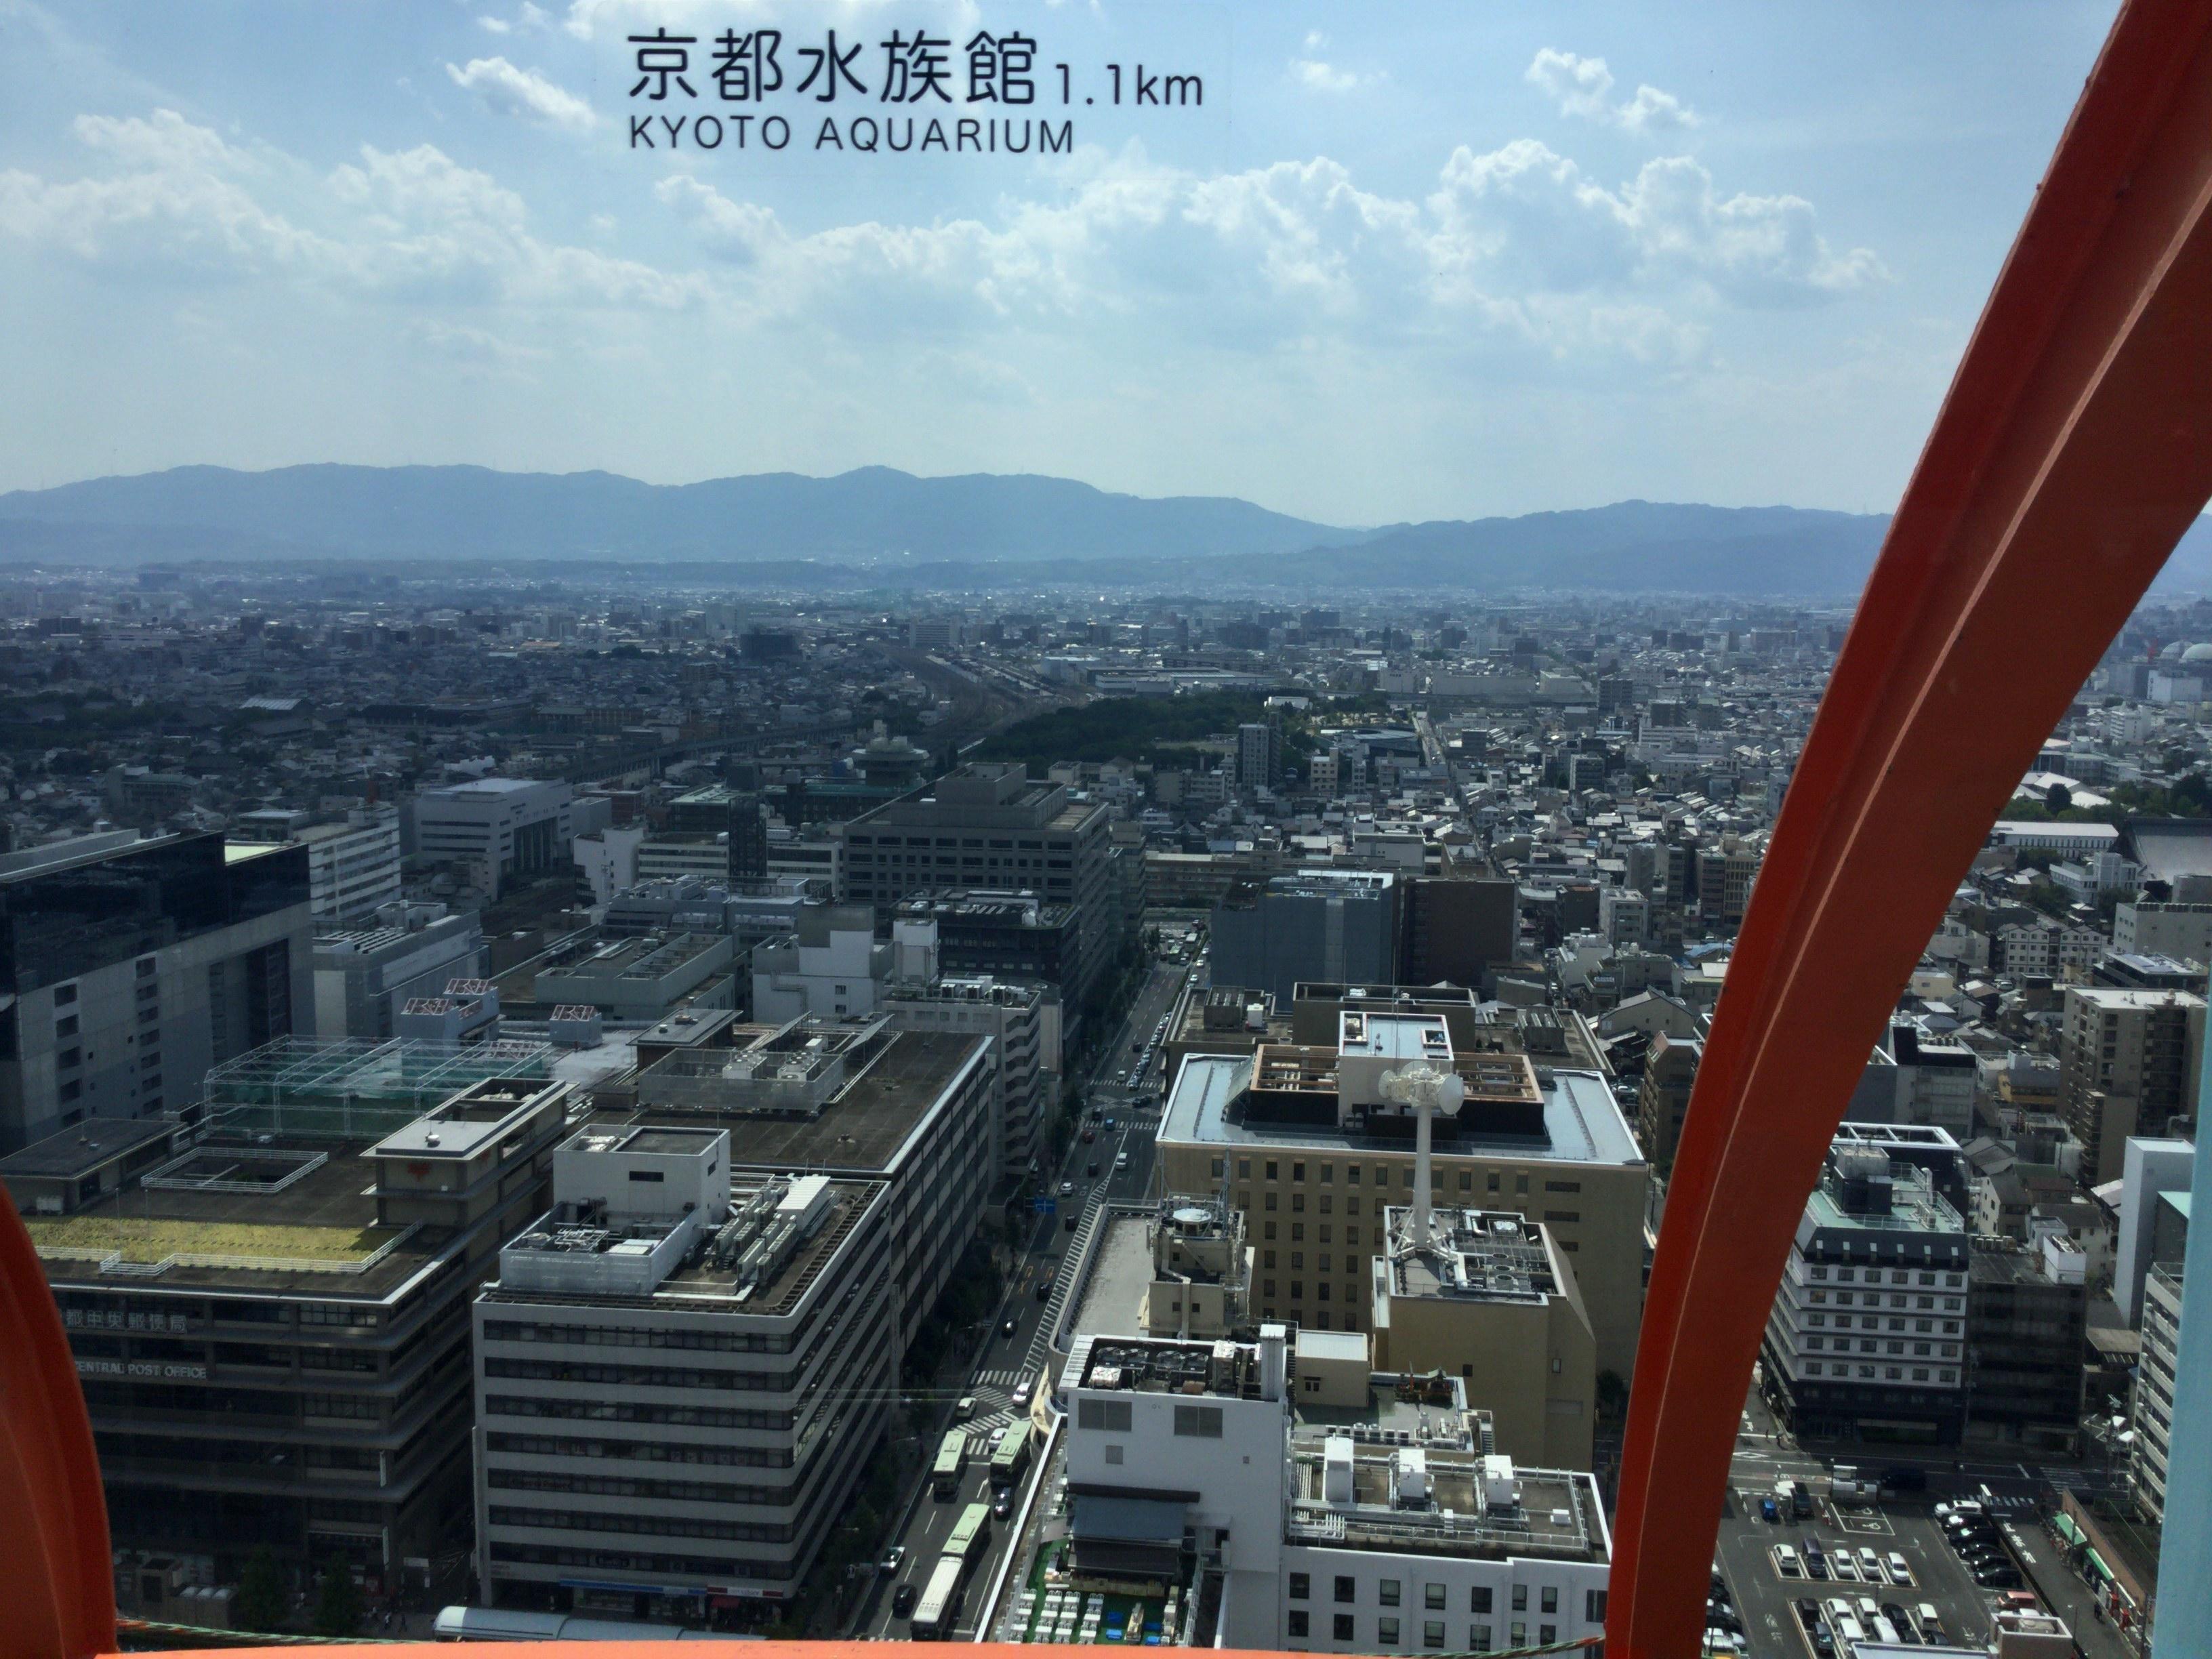 京都水族館方面